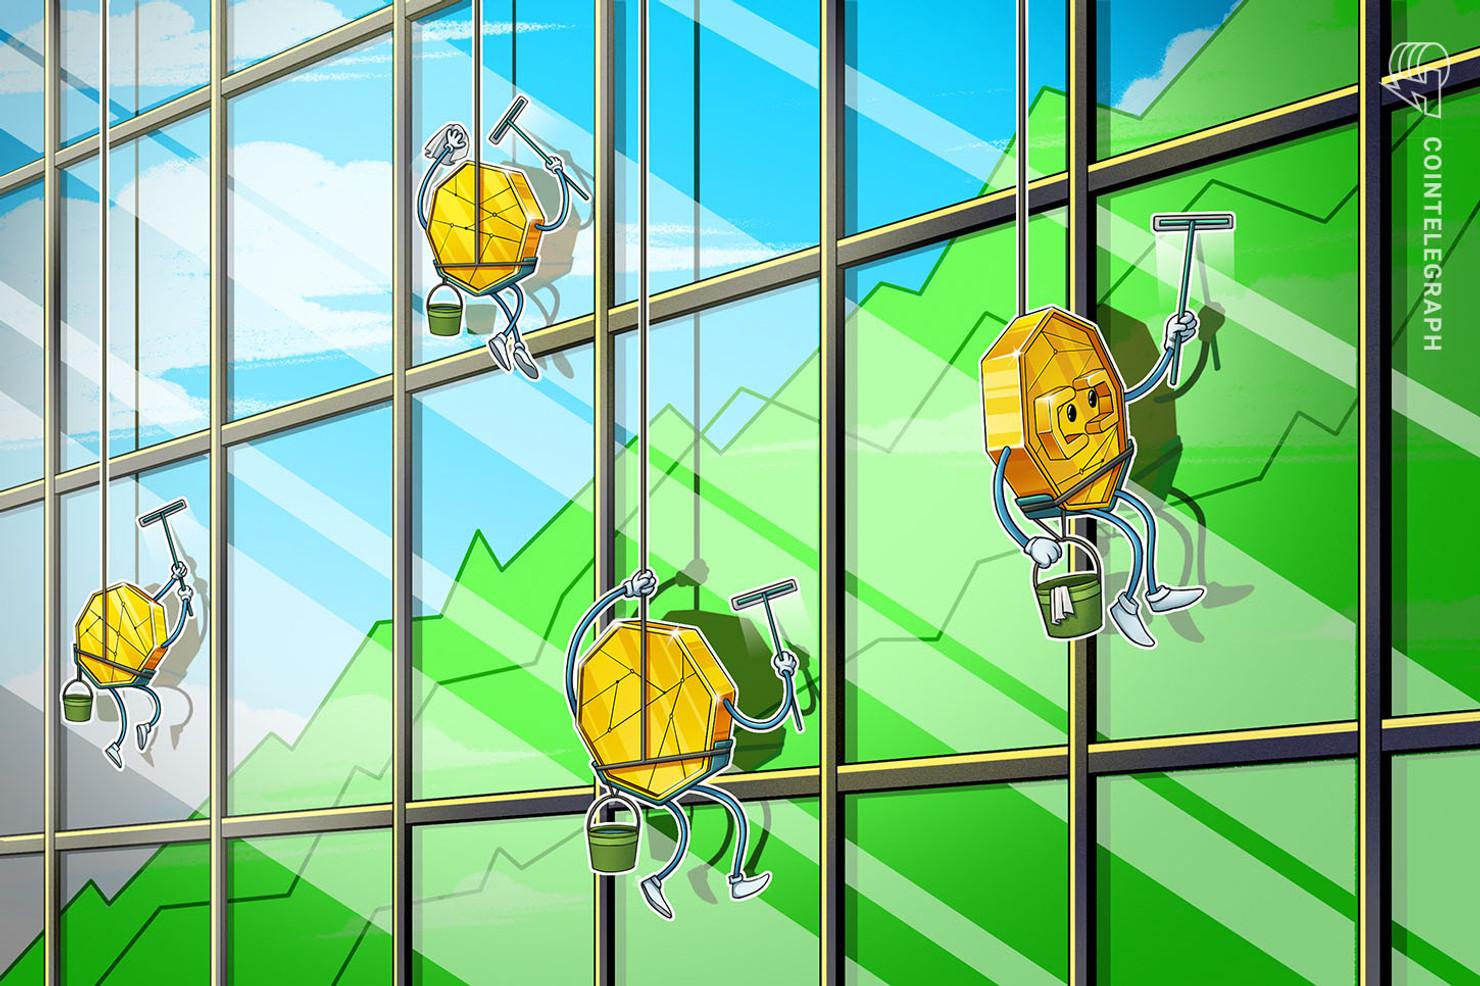 アルトコインが強さ示す ETCやモナコインは30%上昇   ビットコインのドミナンスは65%台に【仮想通貨相場】